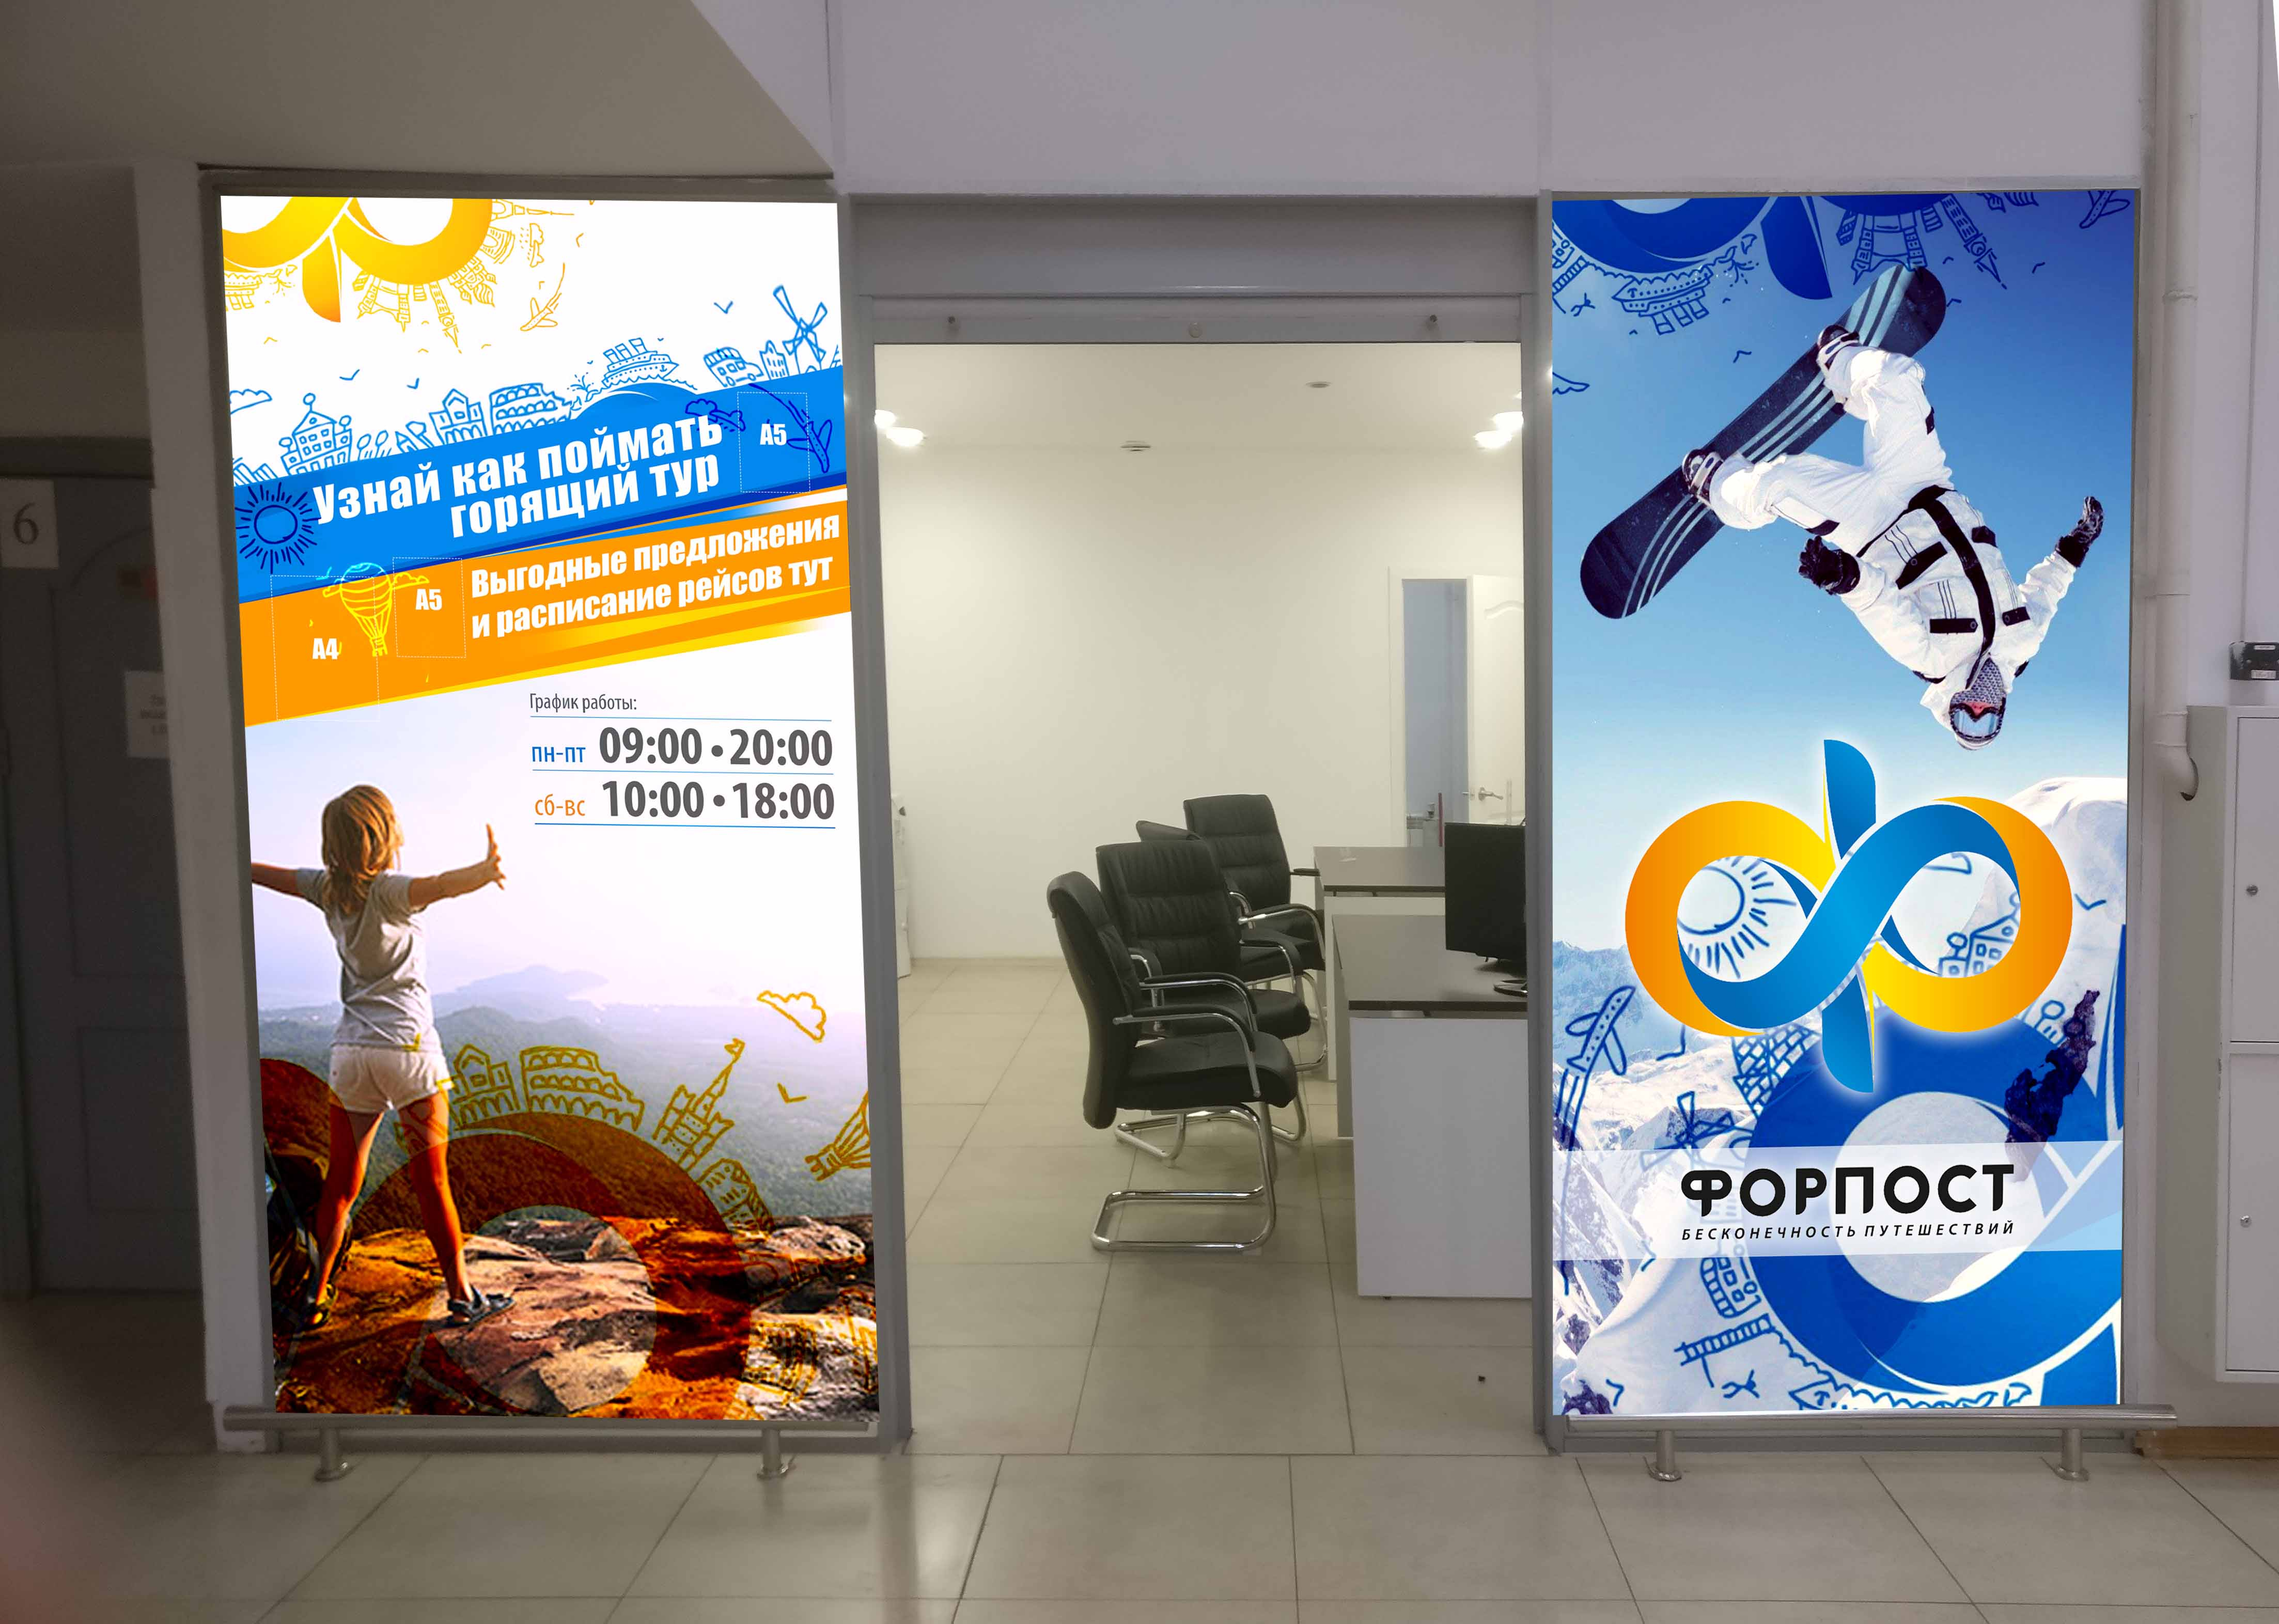 Дизайн двух плакатов фото f_0055a0d3544a8e55.jpg